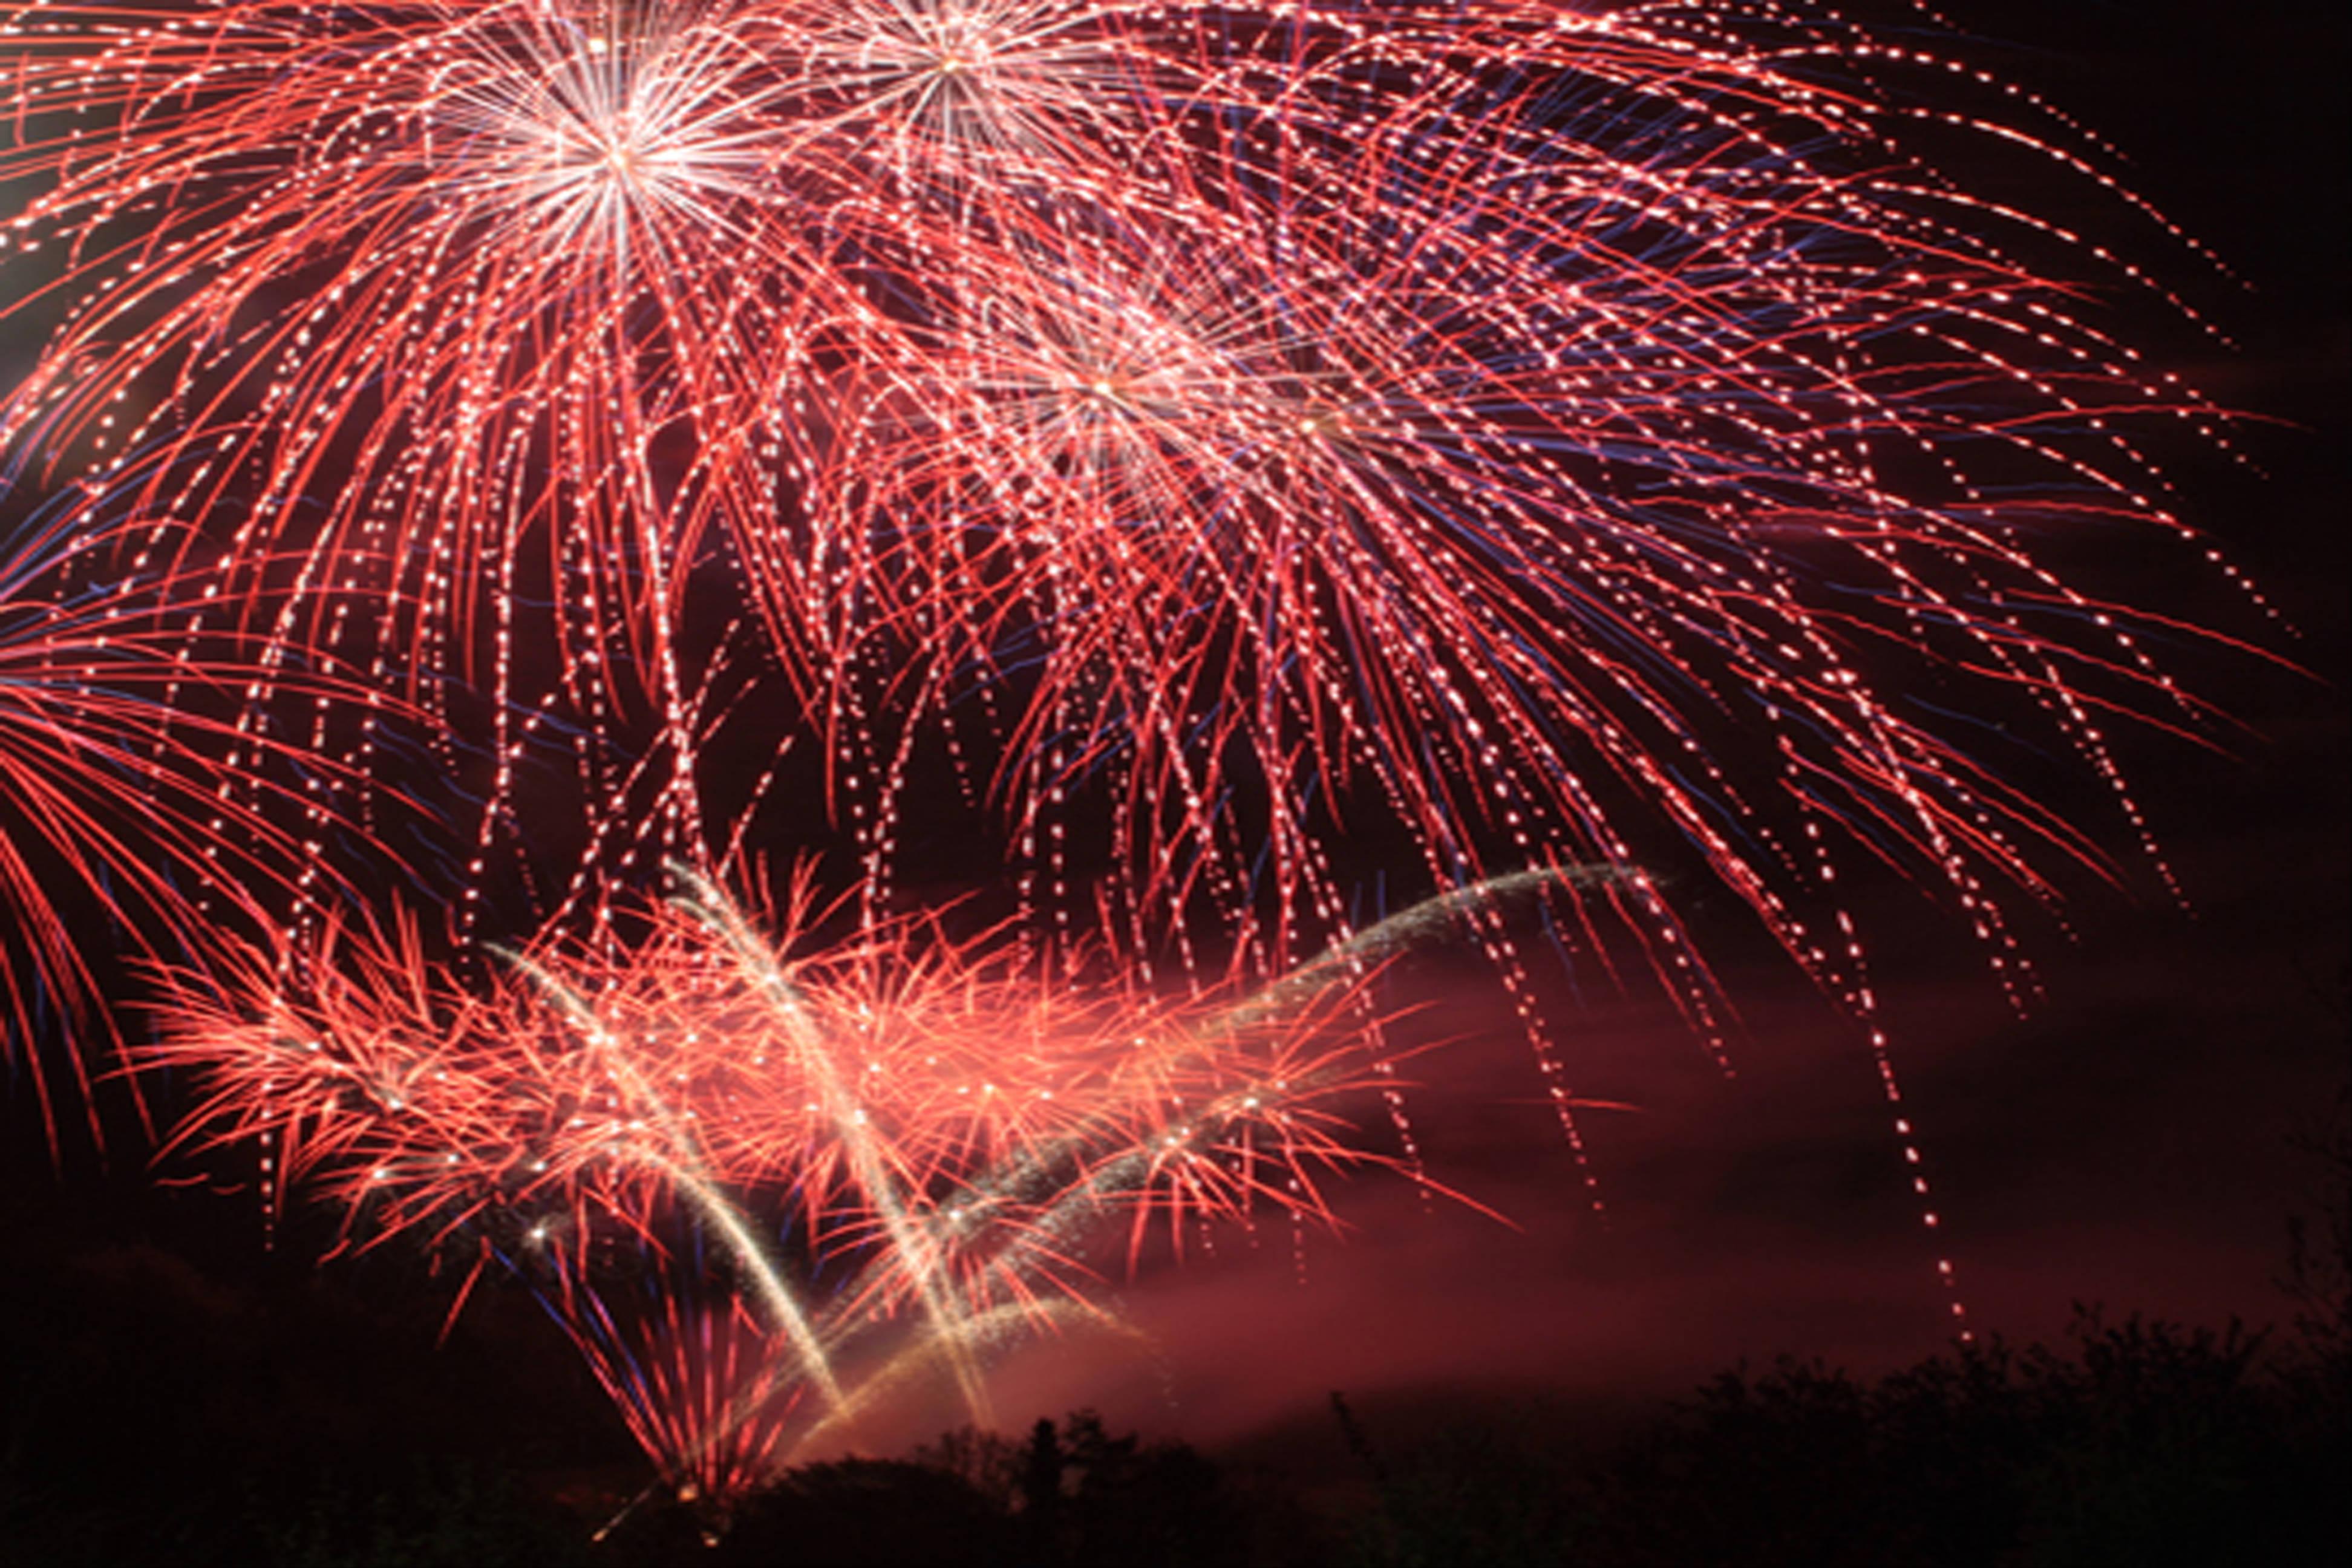 Professionelle Großfeuerwerke von Feuerwerk-Workshop für Ihre Firmenfeier, Event, Kirmes, Großveranstaltung, uvm.